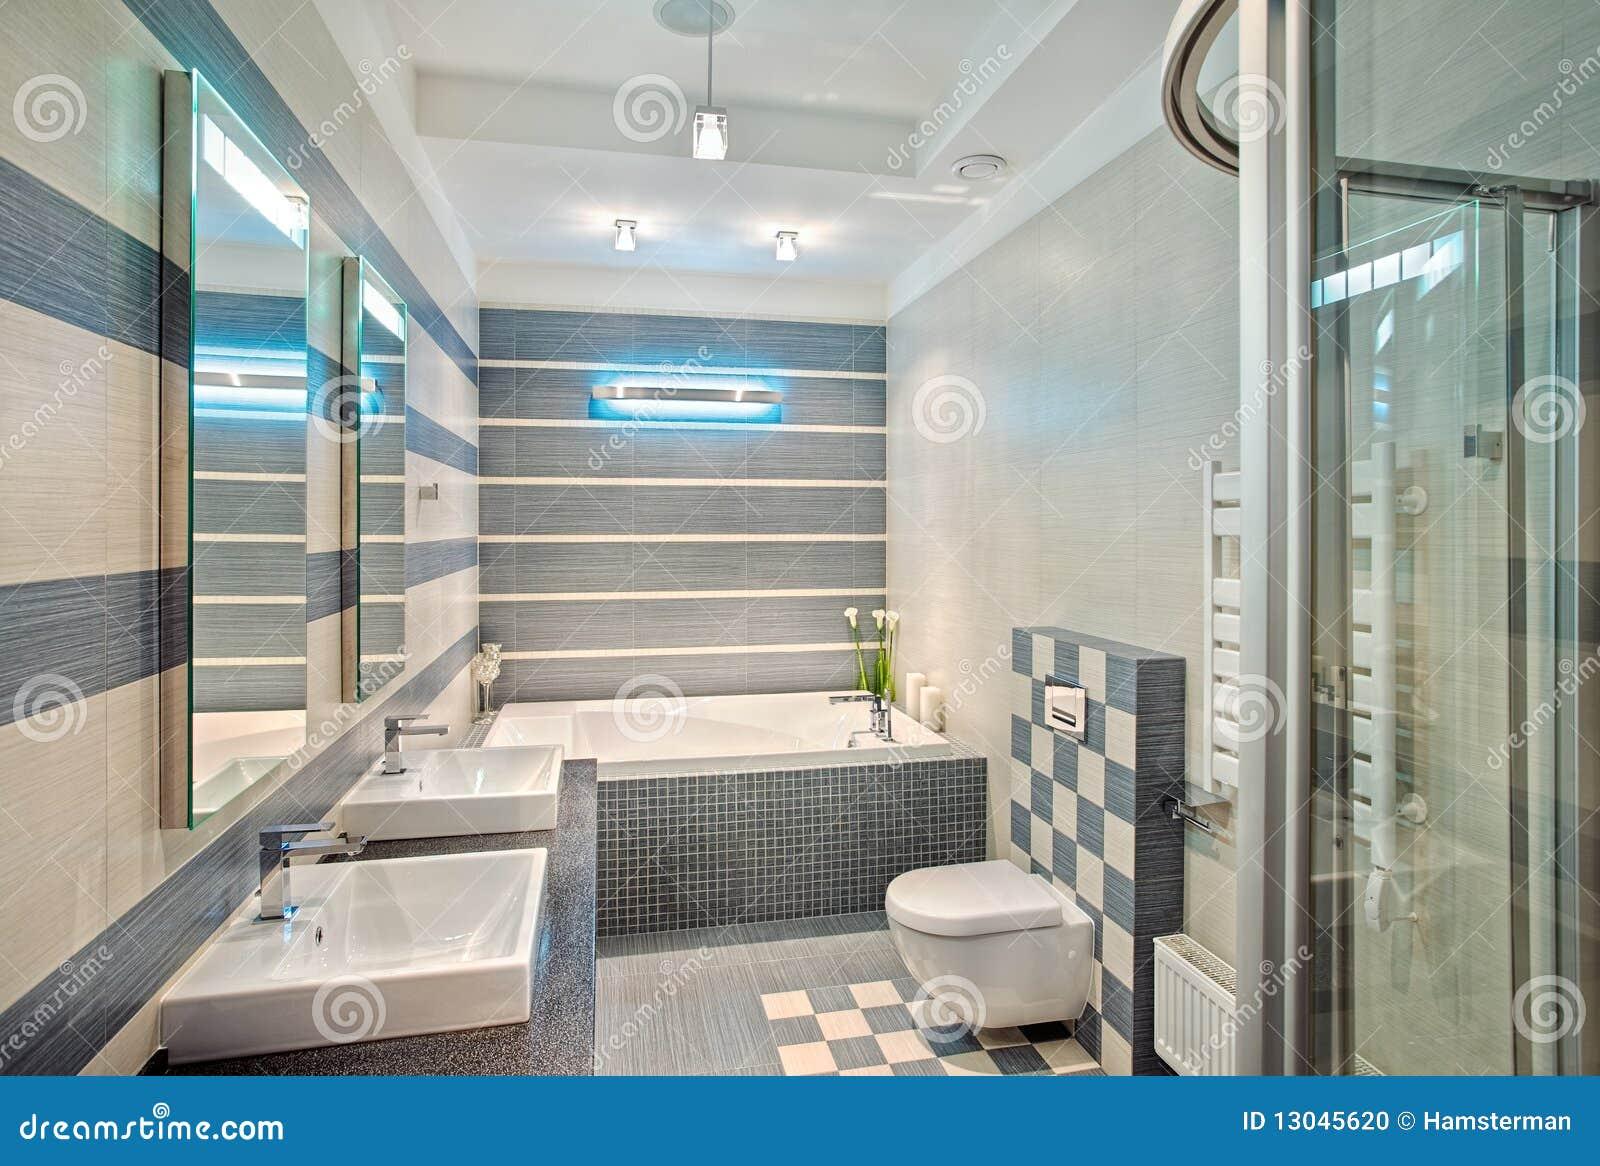 Baños Modernos Azules:Cuarto de baño moderno en tonos azules y grises con el mosaico en la